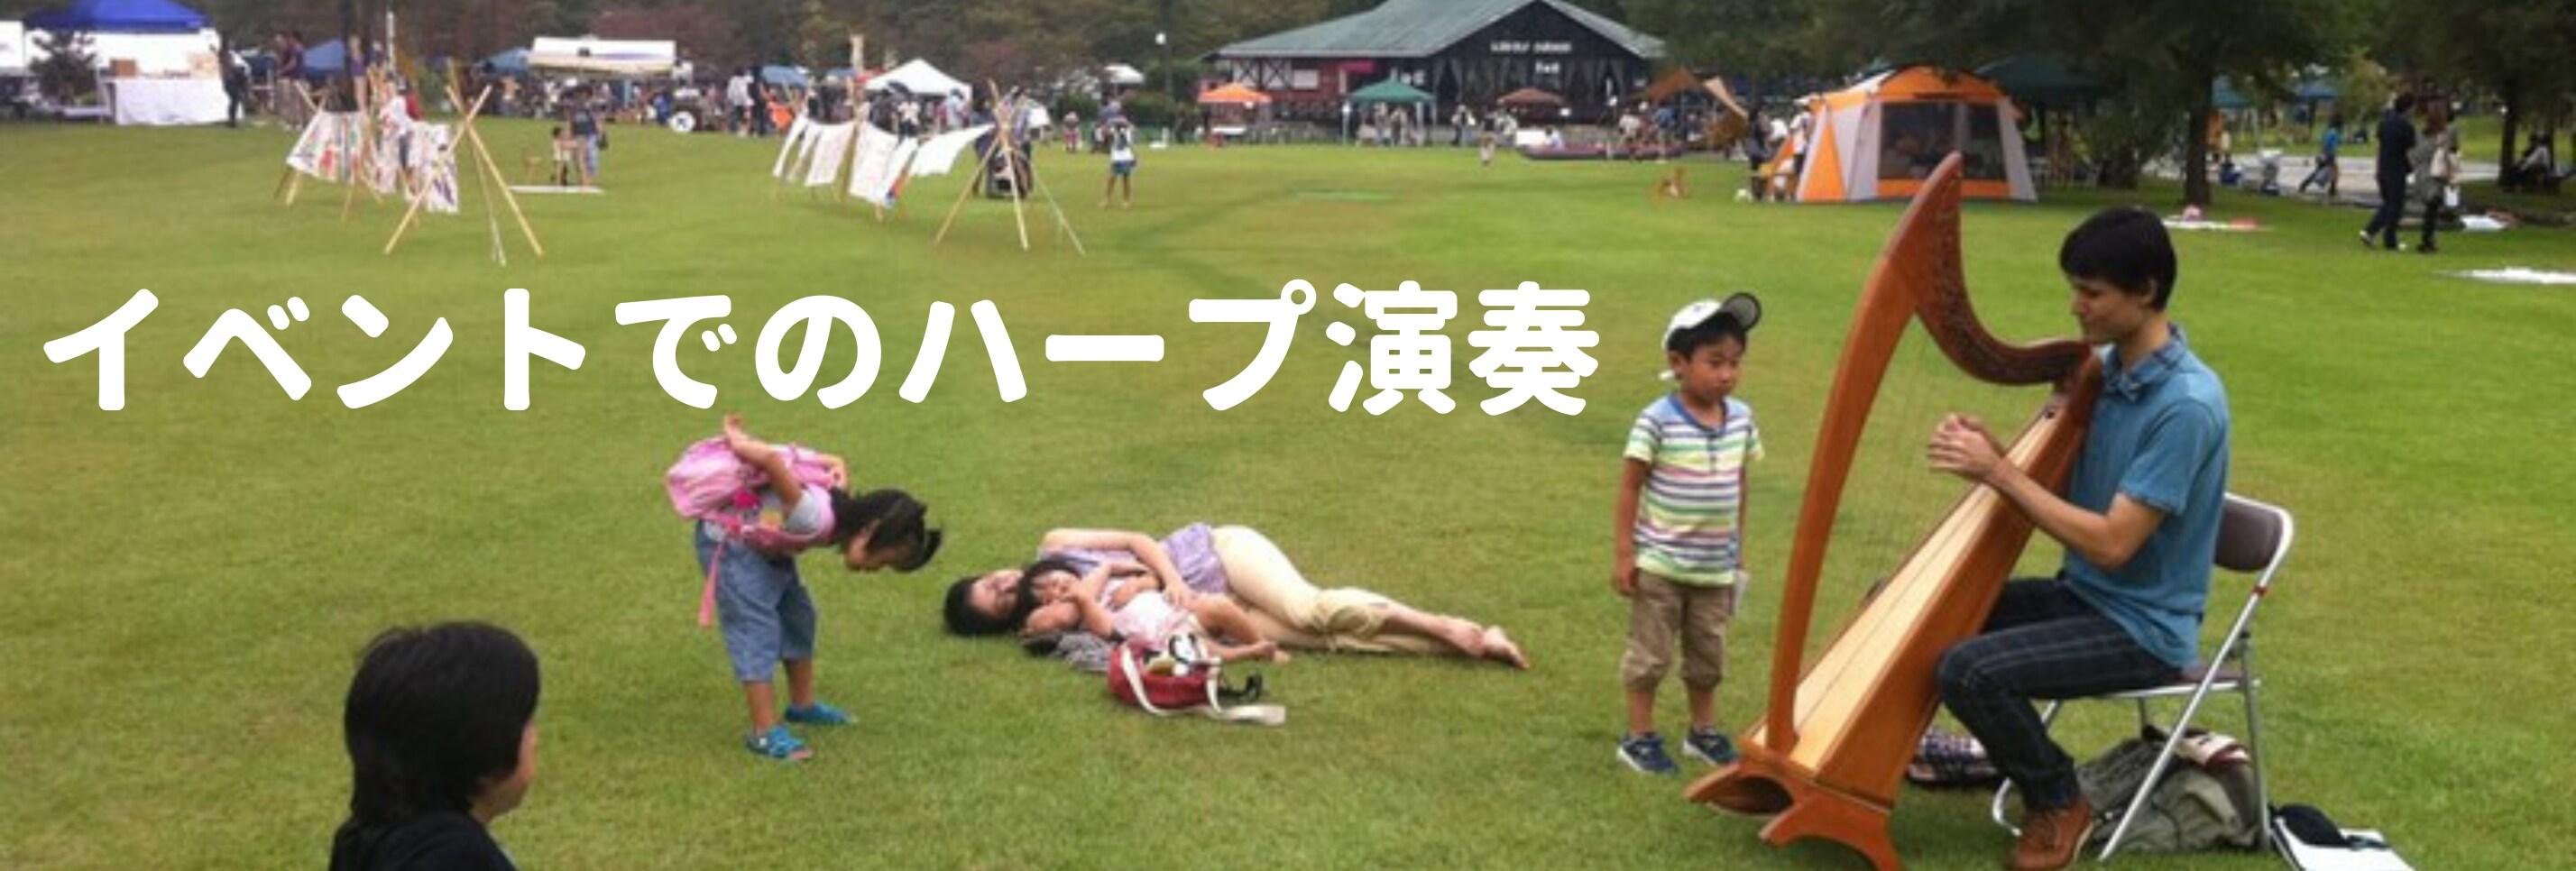 ハープ奏者【よし/ハープ父ちゃん】